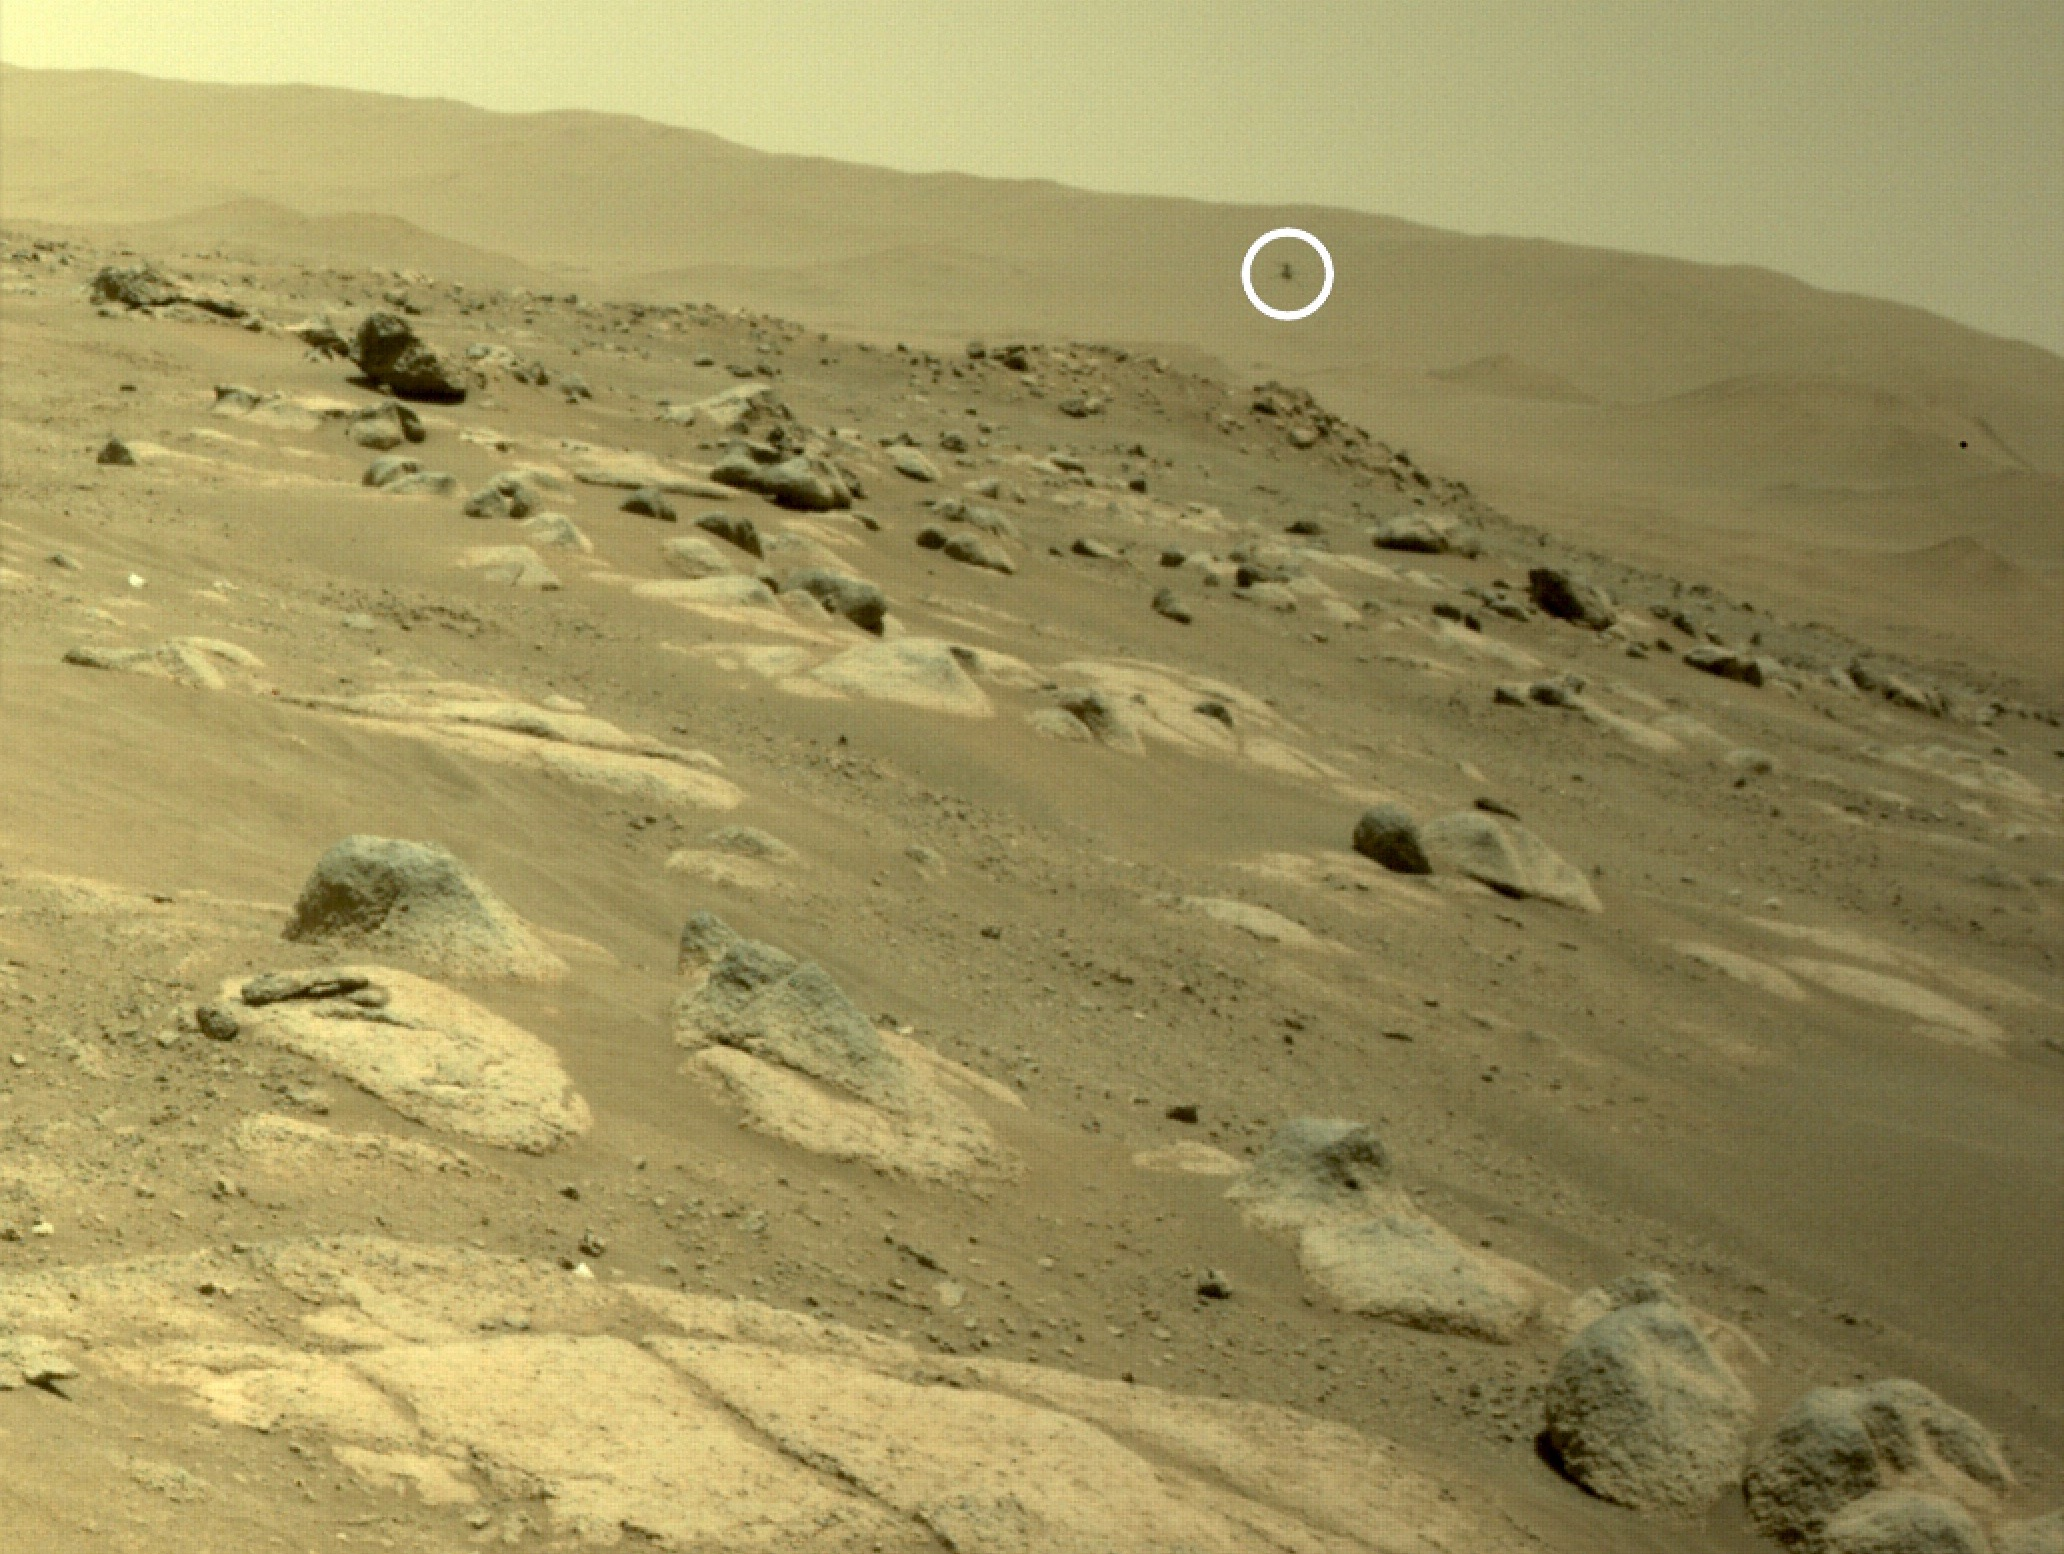 Le rover Mars Perseverance de la NASA a capturé cette vue de l'hélicoptère d'ingéniosité volant le 30 avril 2021.